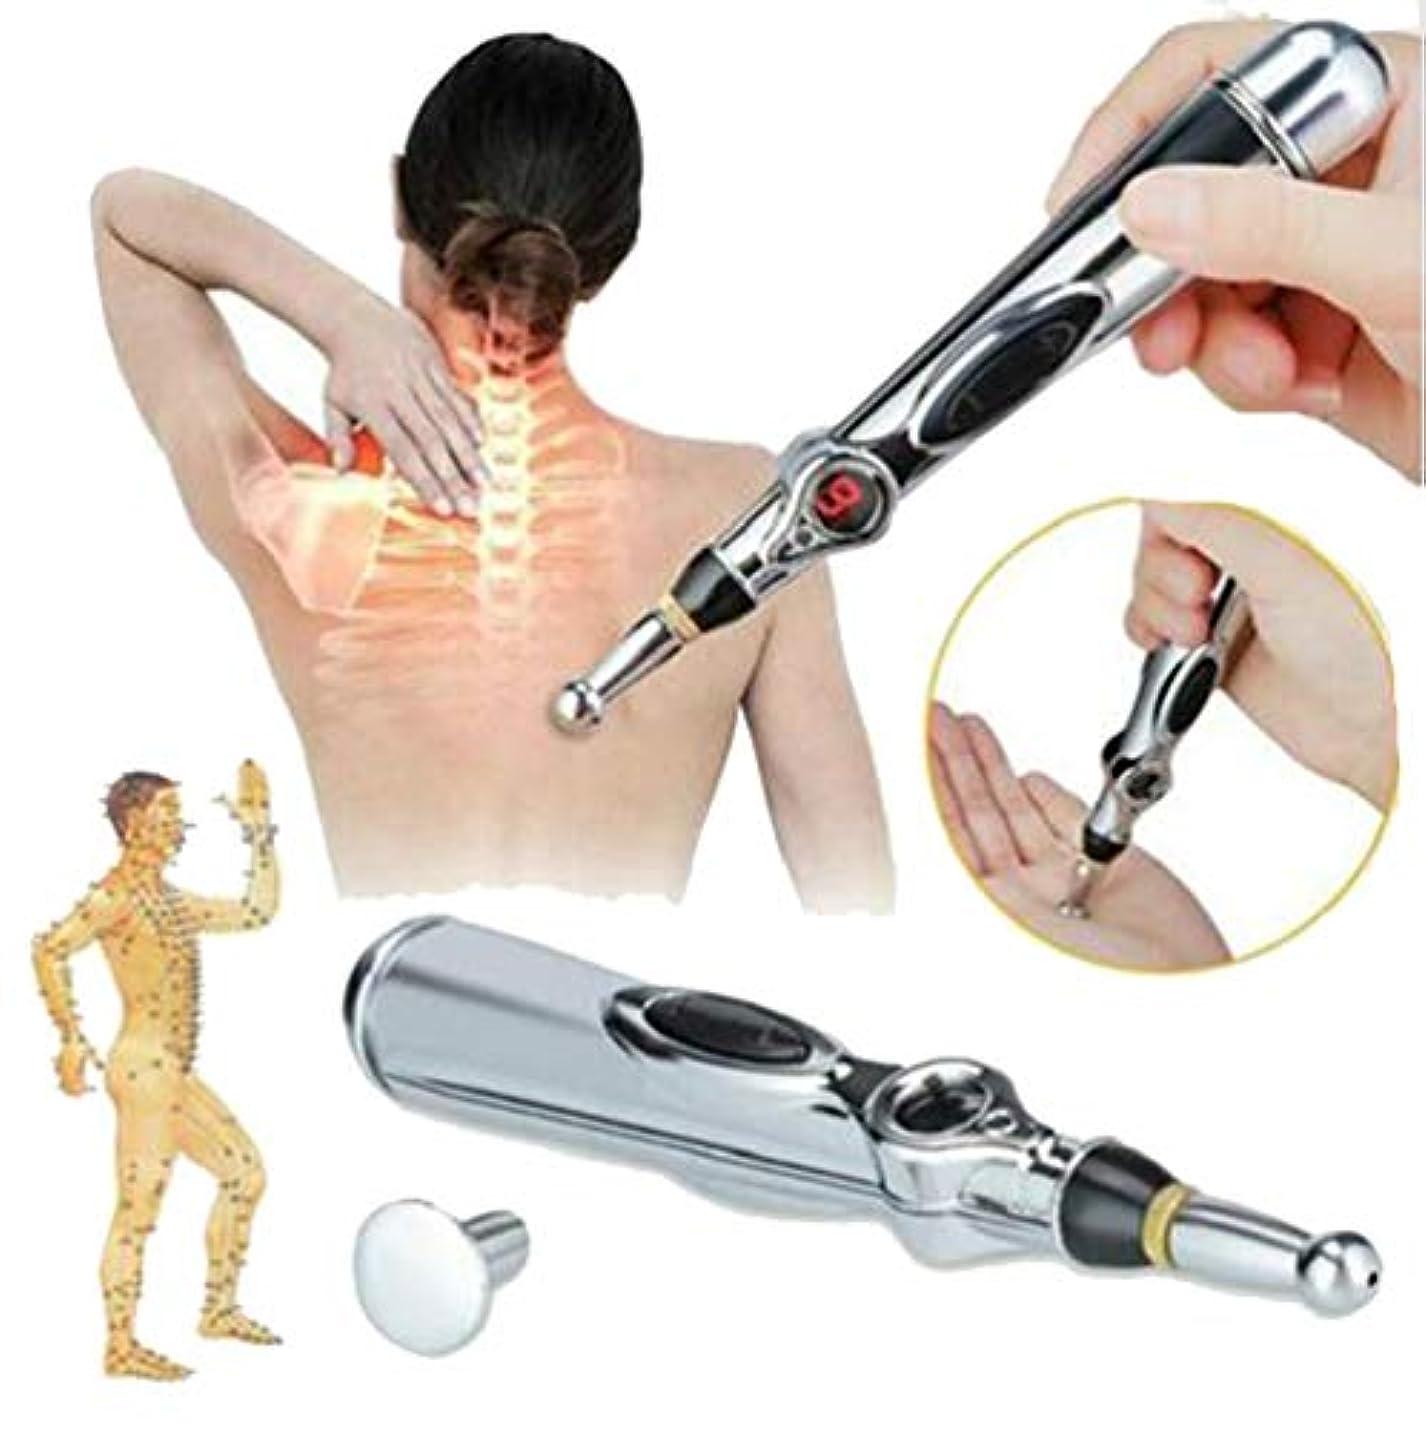 バクテリアスカリー織る電子鍼ペン経絡レーザー鍼灸器マグネットマッサージャー家庭用医療器